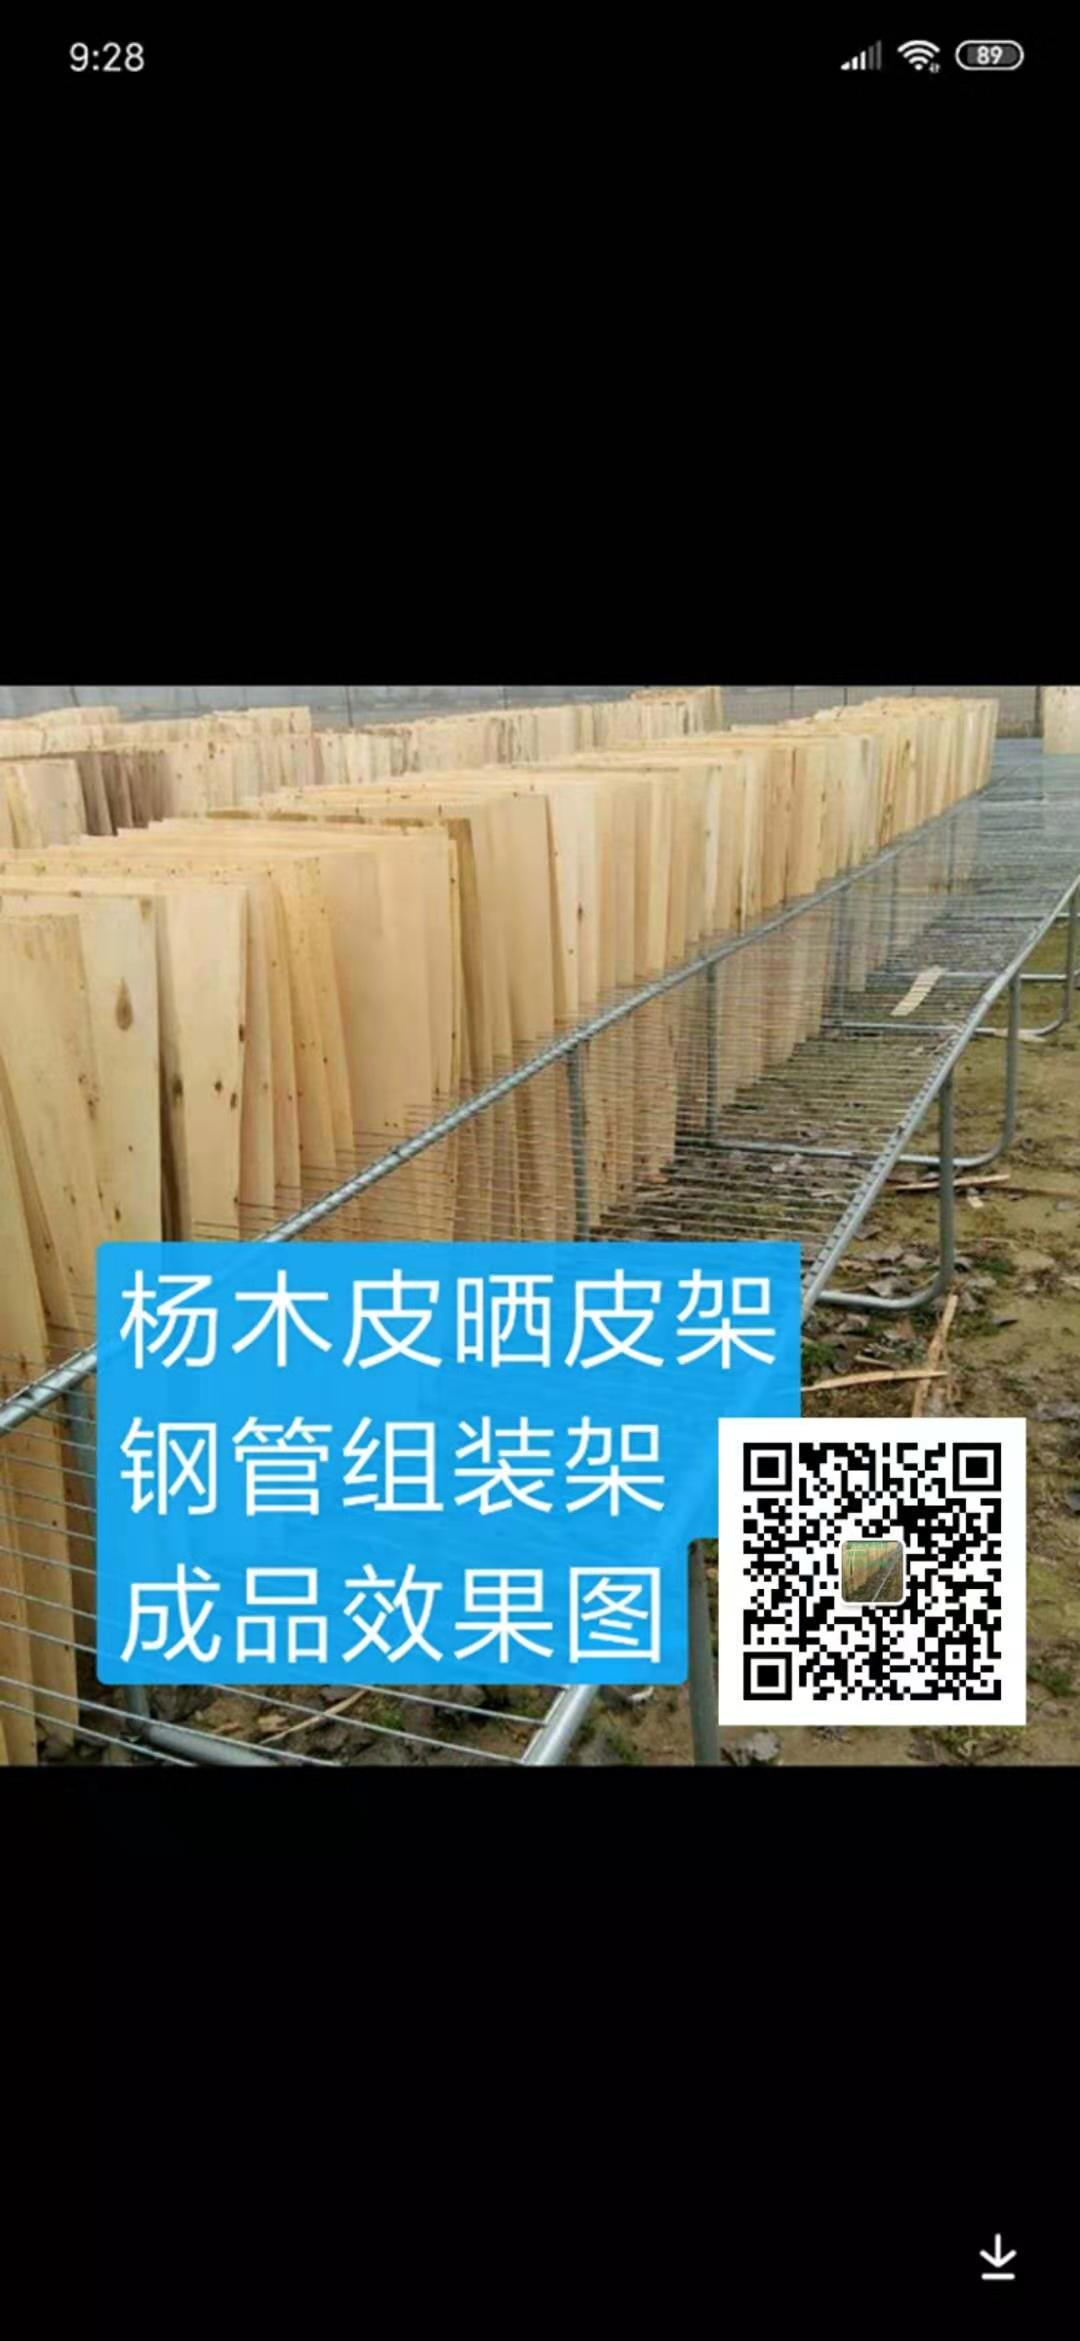 河南杨木皮晒皮架,新型钢管组装架,杨木单板组装架,厂家,电话,批发,供应商